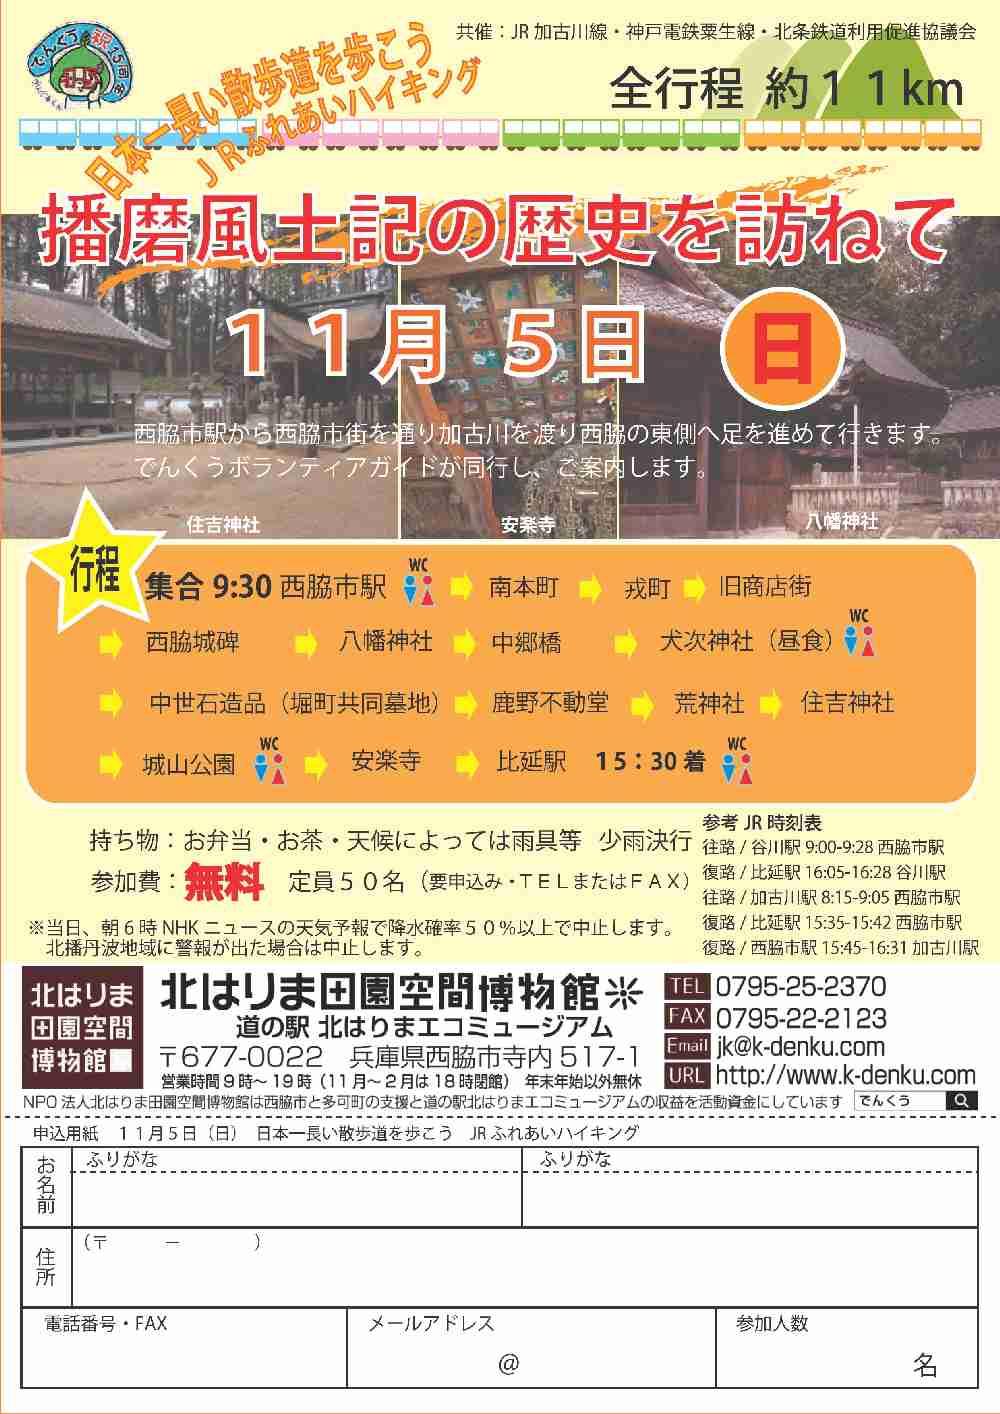 11/5 JRふれあいハイキング:西脇市駅集合